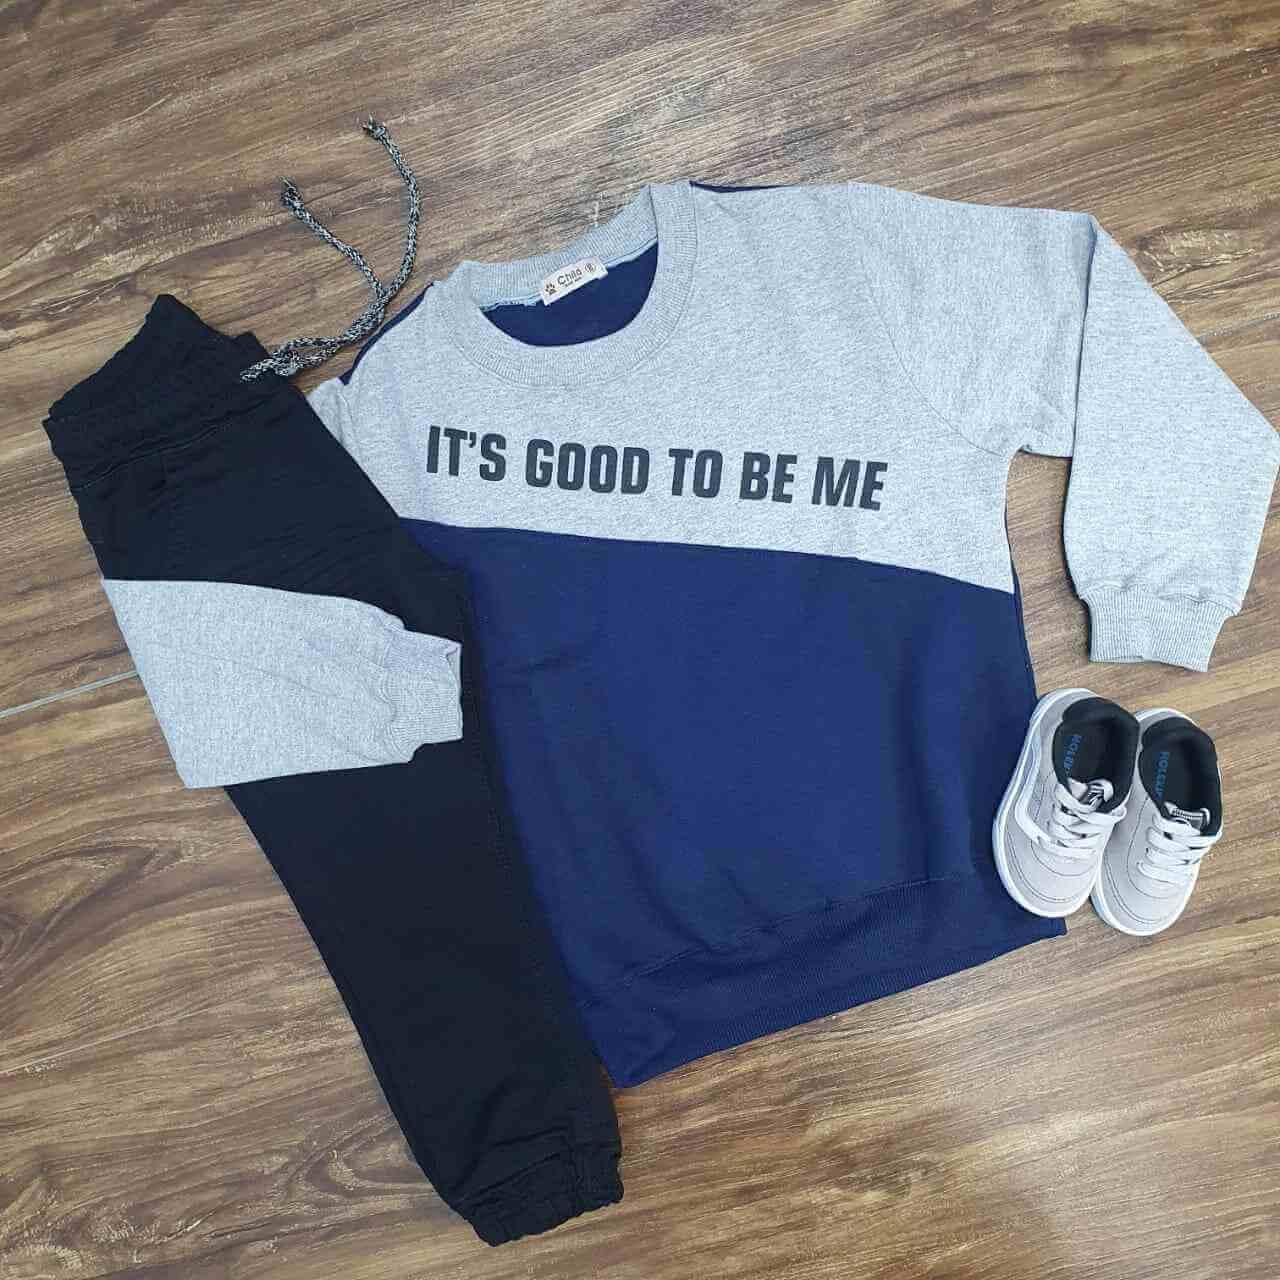 Blusa Good com Calça Infantil